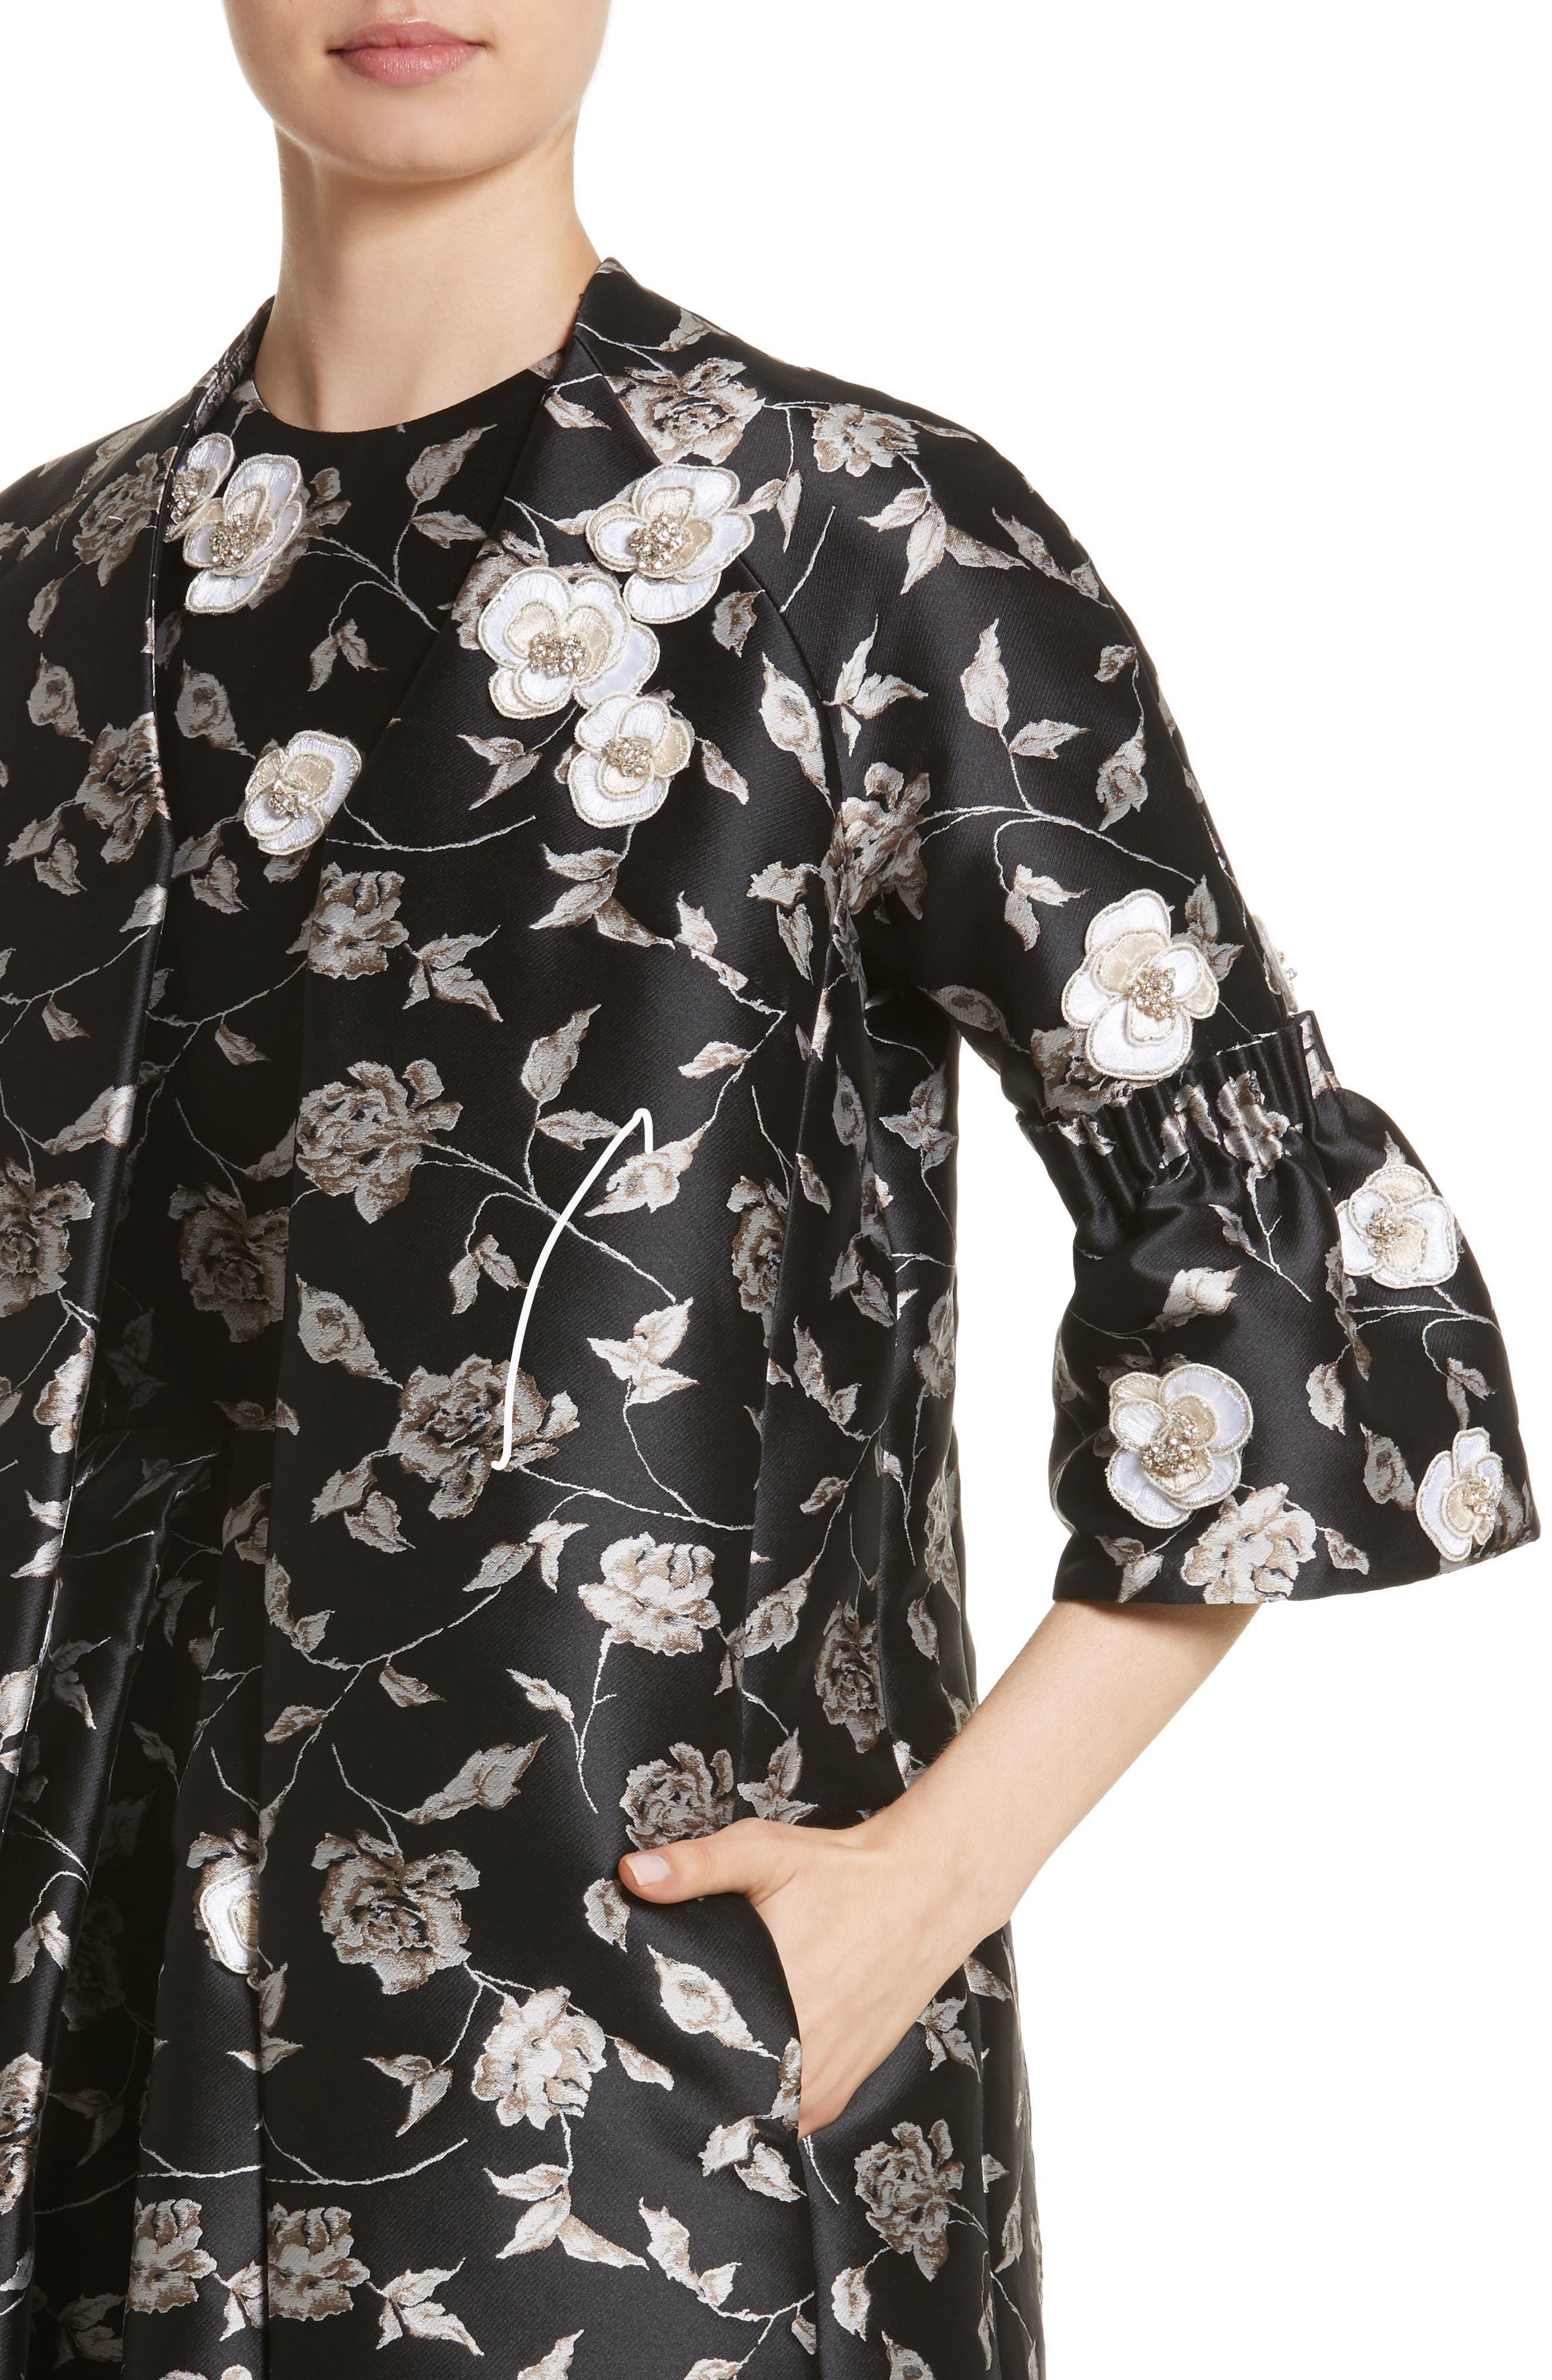 Carmen Marc Valvo Floral Jacquard Jacket,                             Alternate thumbnail 4, color,                             Black